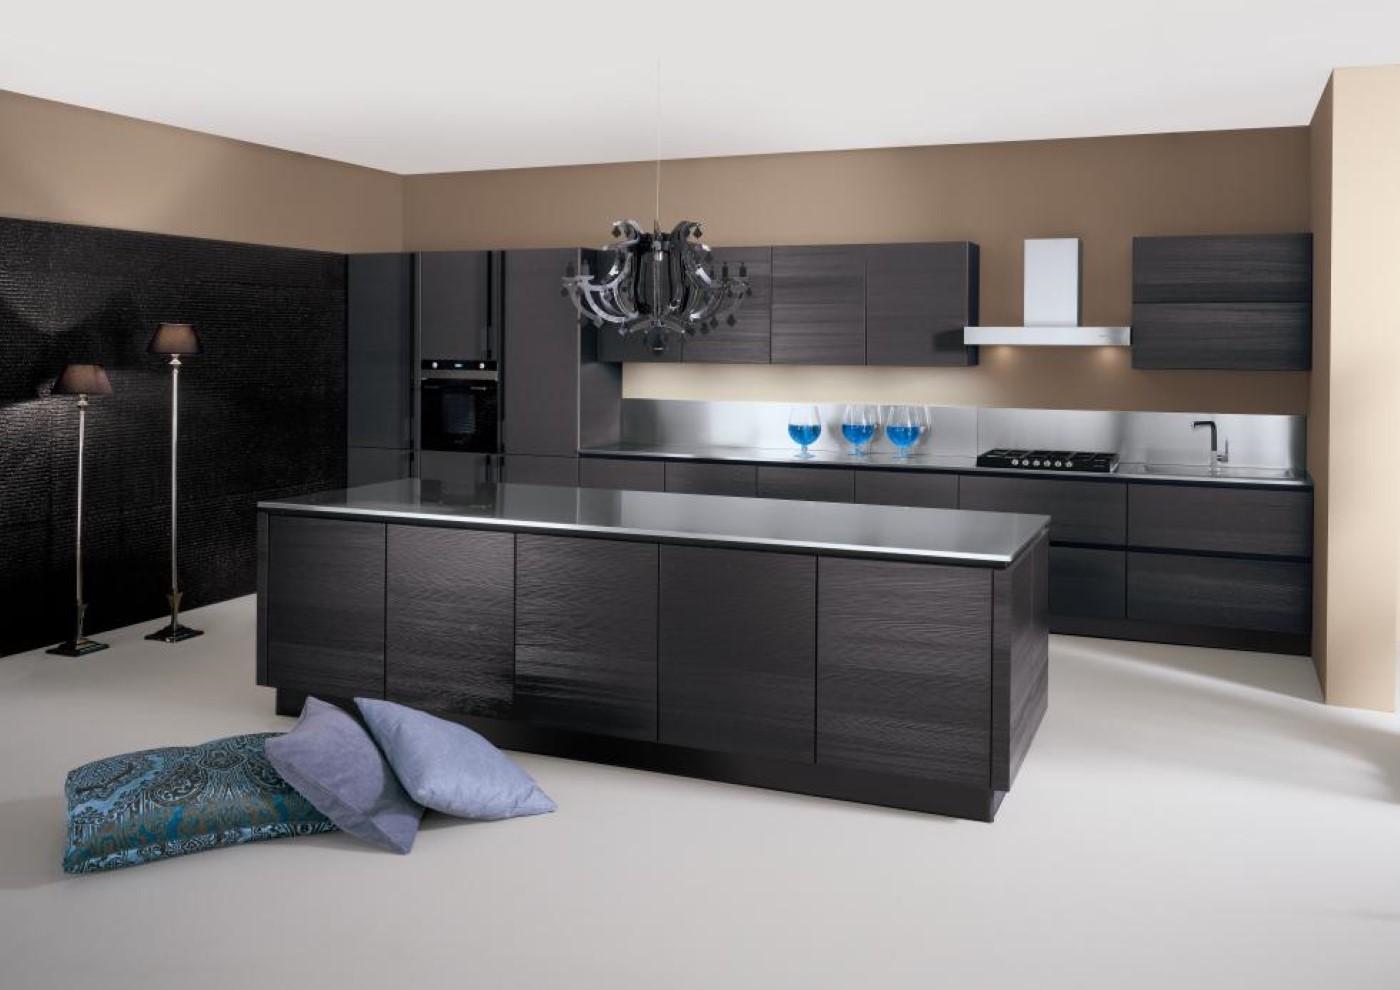 Cocinas muebles de cocina y armariadas de cocina online for Muebles online valencia